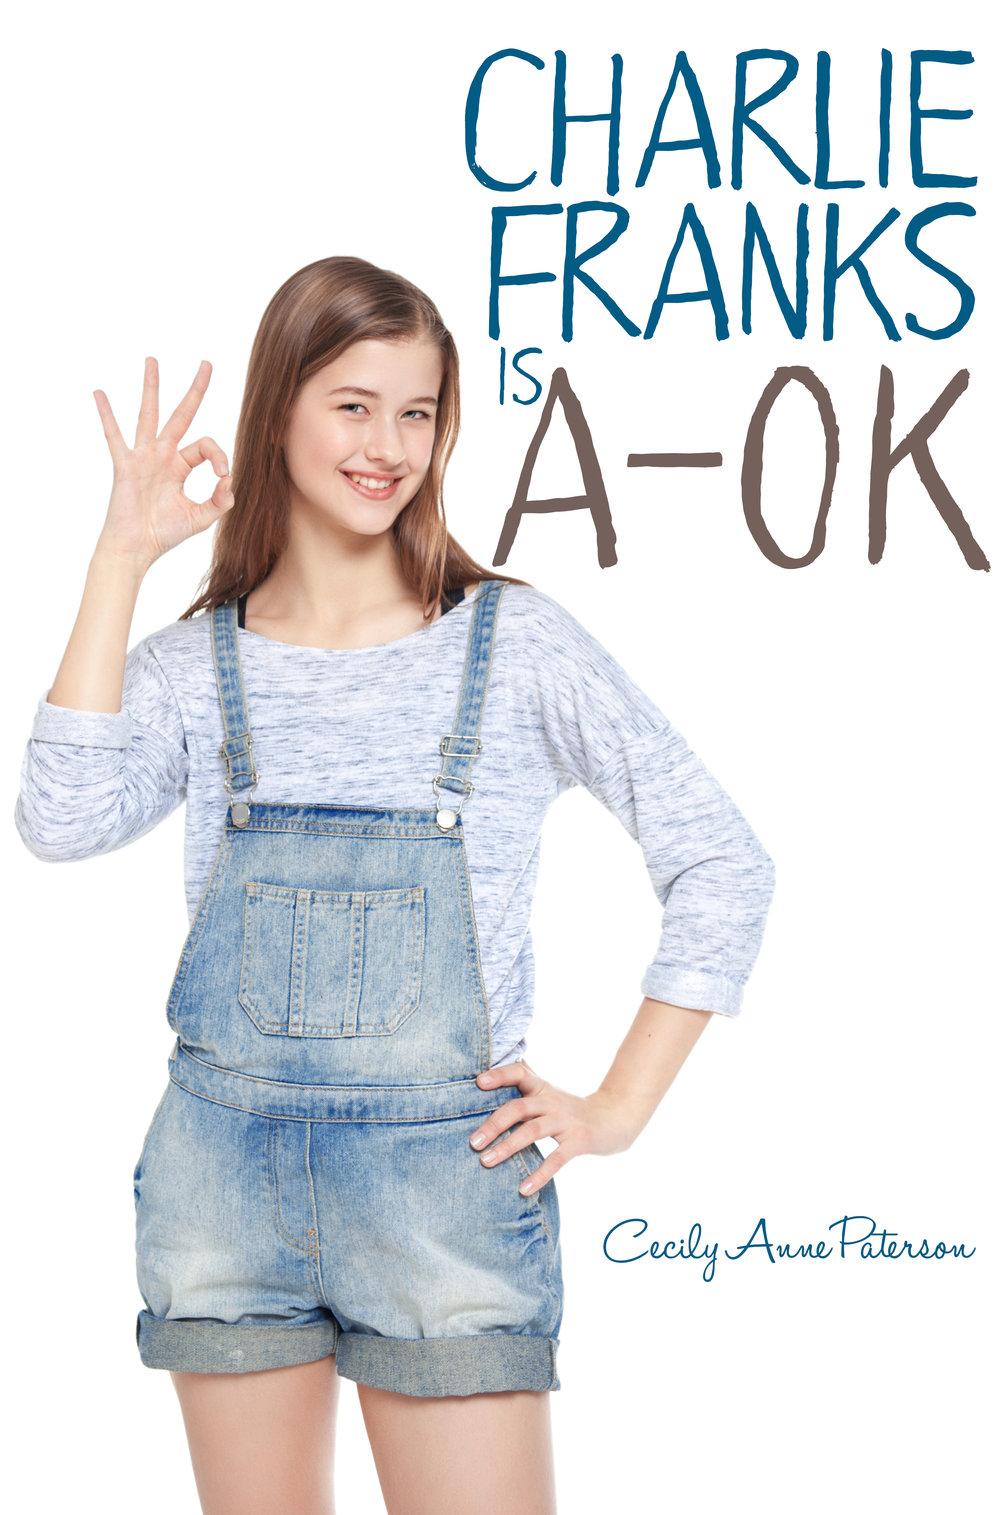 a-ok.jpg